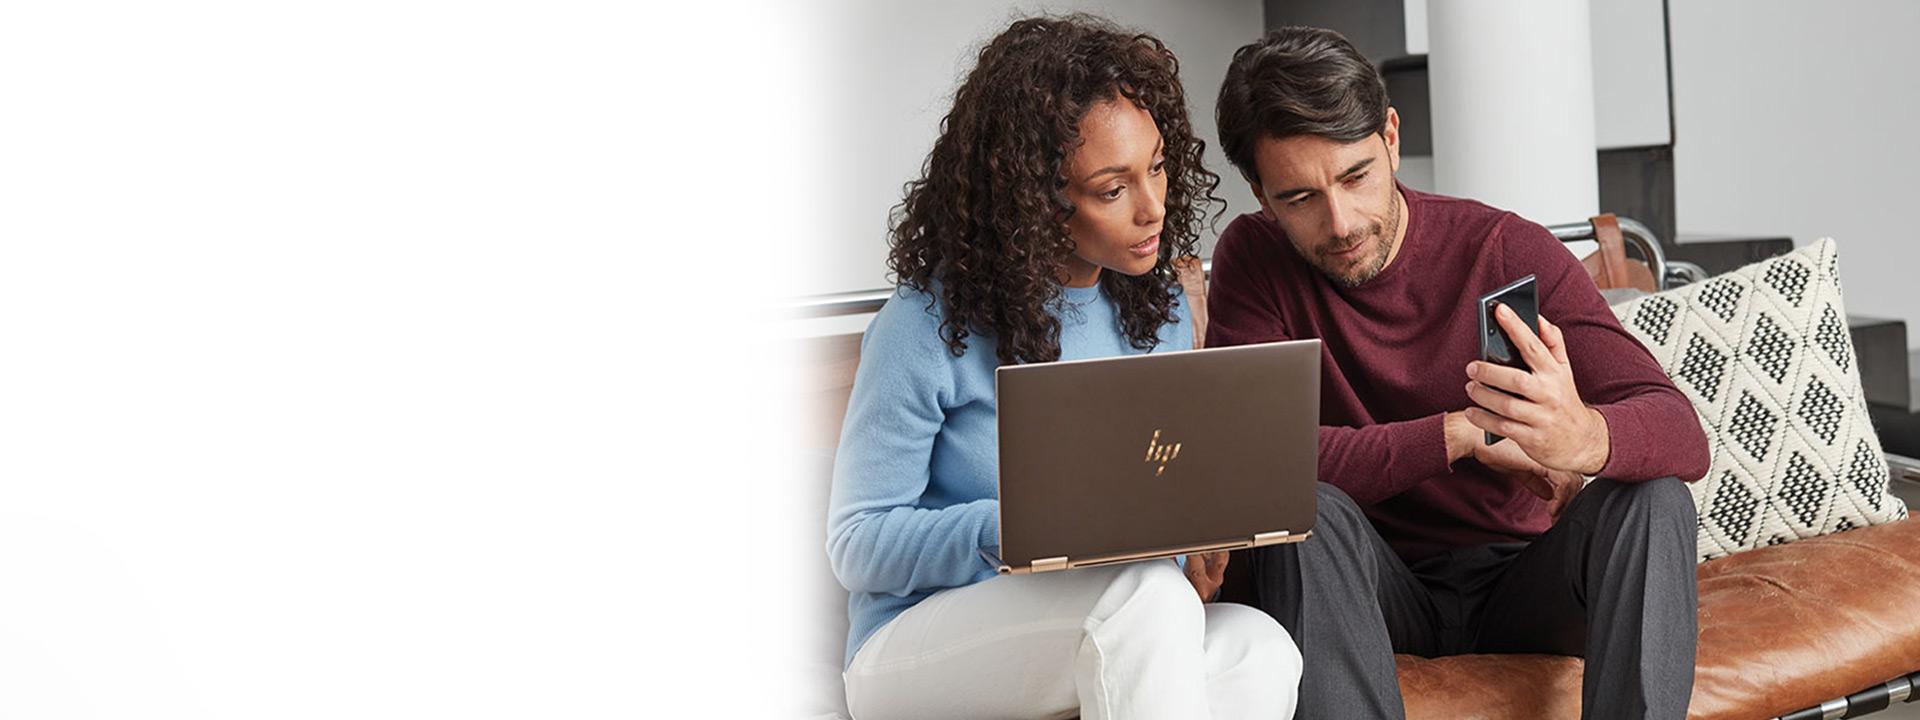 Kvinde og mand sidder på en sofa og kigger på Windows 10-laptop og -mobilenhed sammen